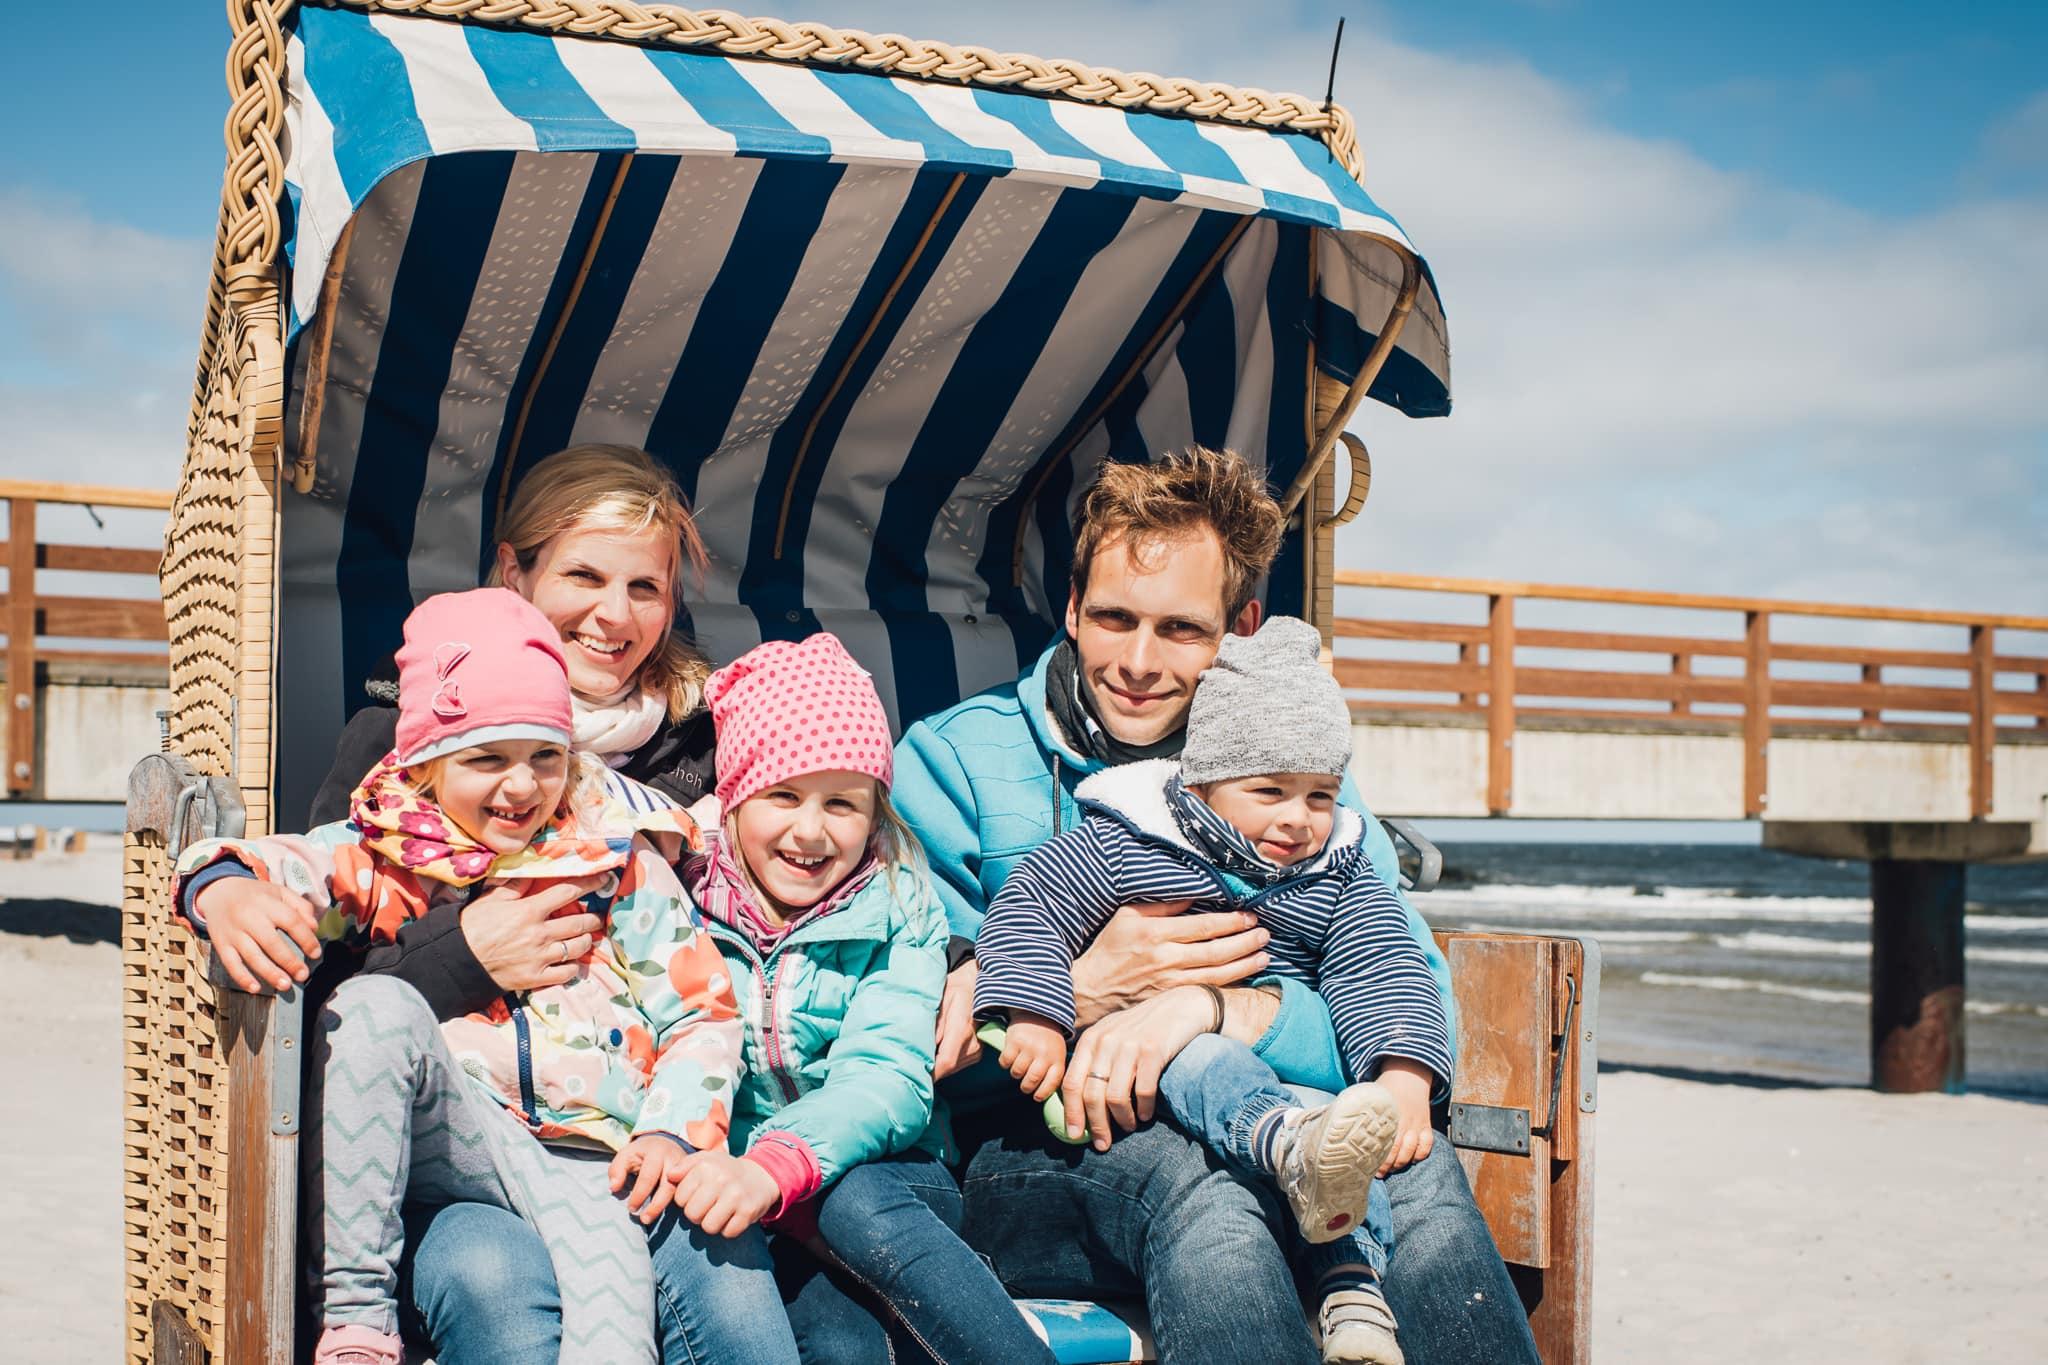 Familienfotografie  Baby, Kind und Meer: Fotos an der Ostsee